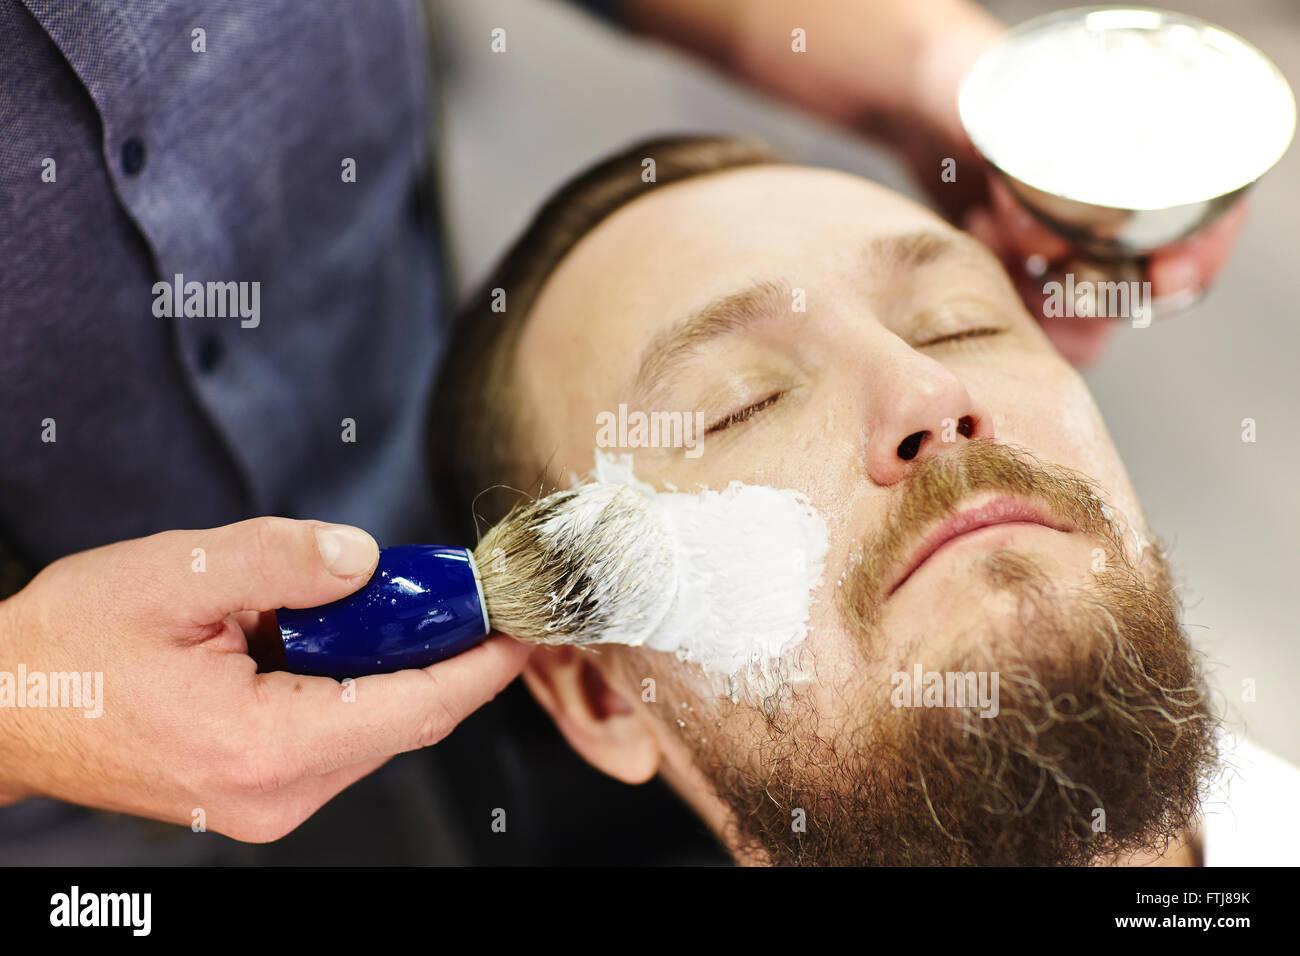 La formazione di schiuma di crema per la rasatura Immagini Stock